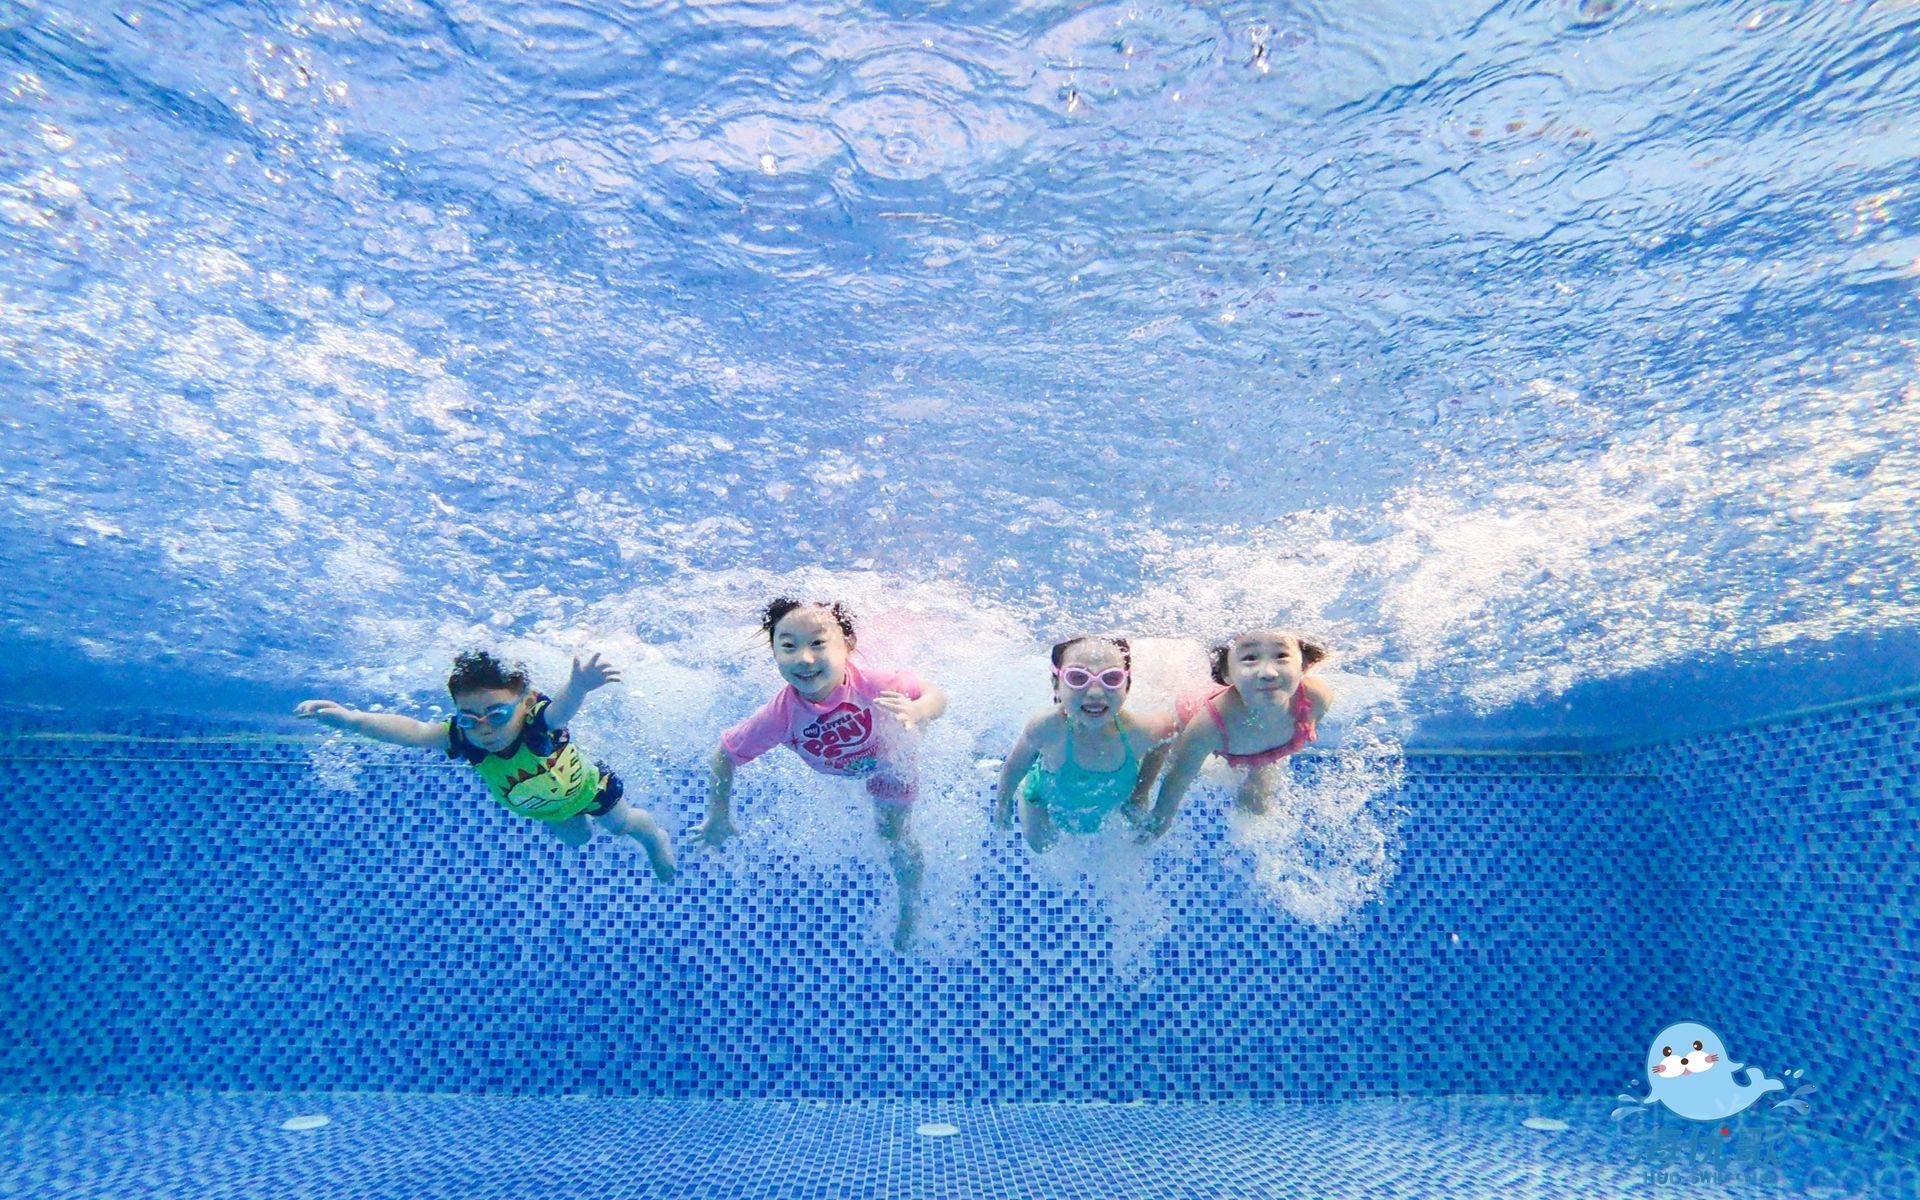 【海优歌亲子中心】亲子游泳课程体验(平日)